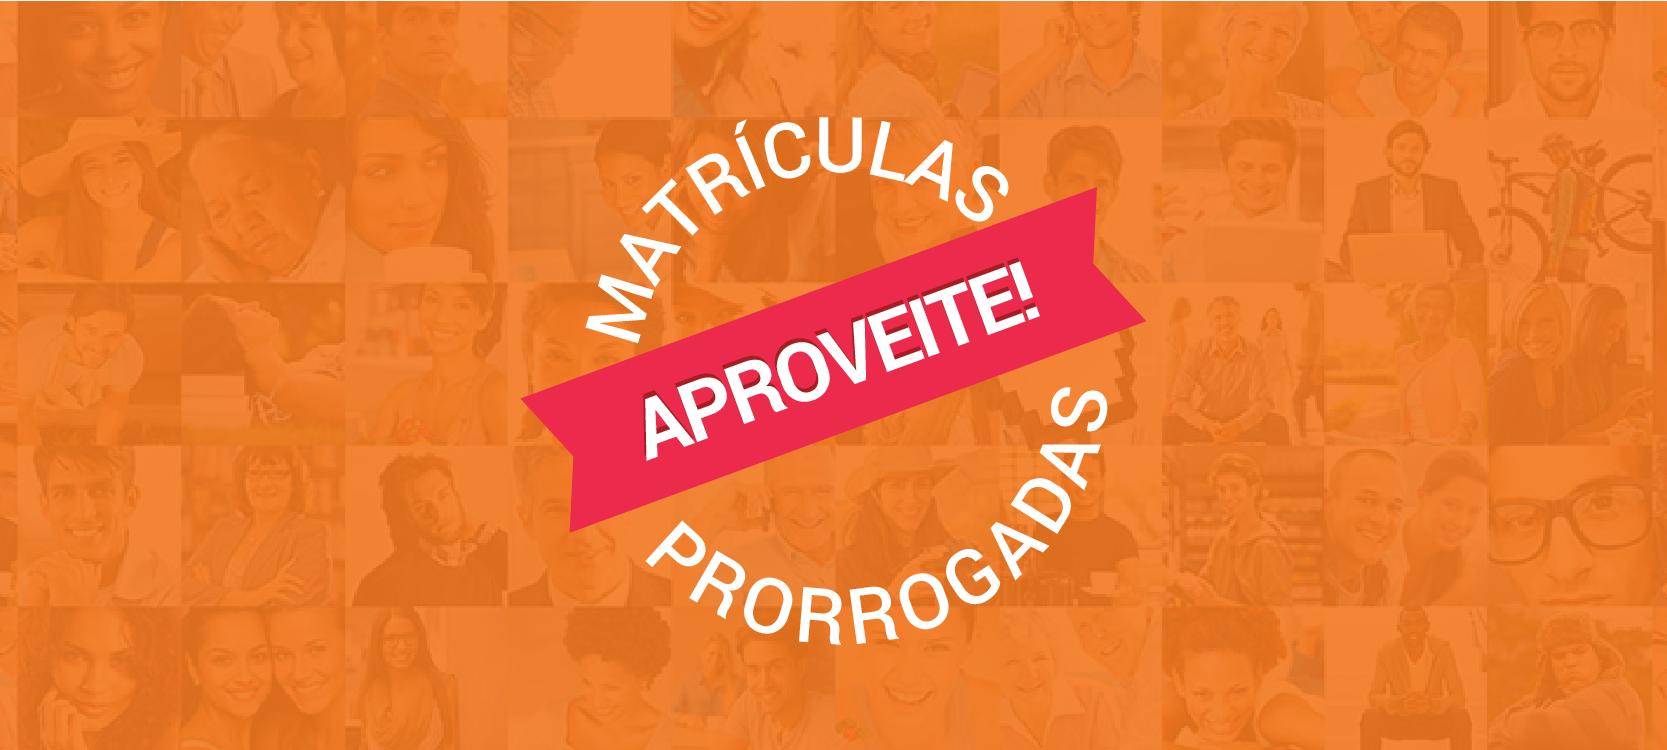 CONSELHEIROS_prorrogacao_MATRICULAS